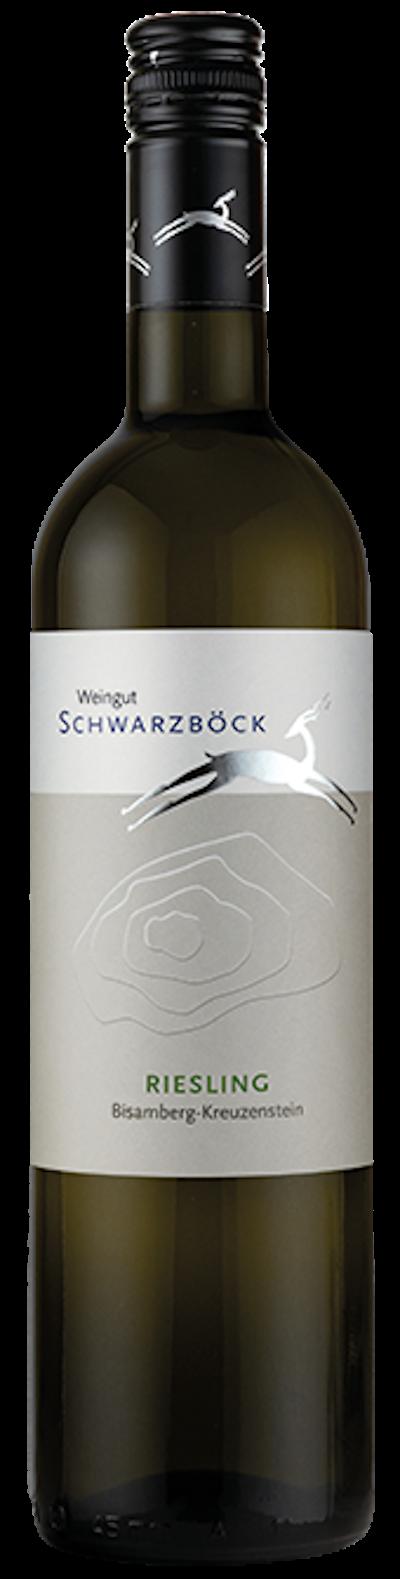 Schwarzböck - Riesling Bisamberg-Kreuzenstein